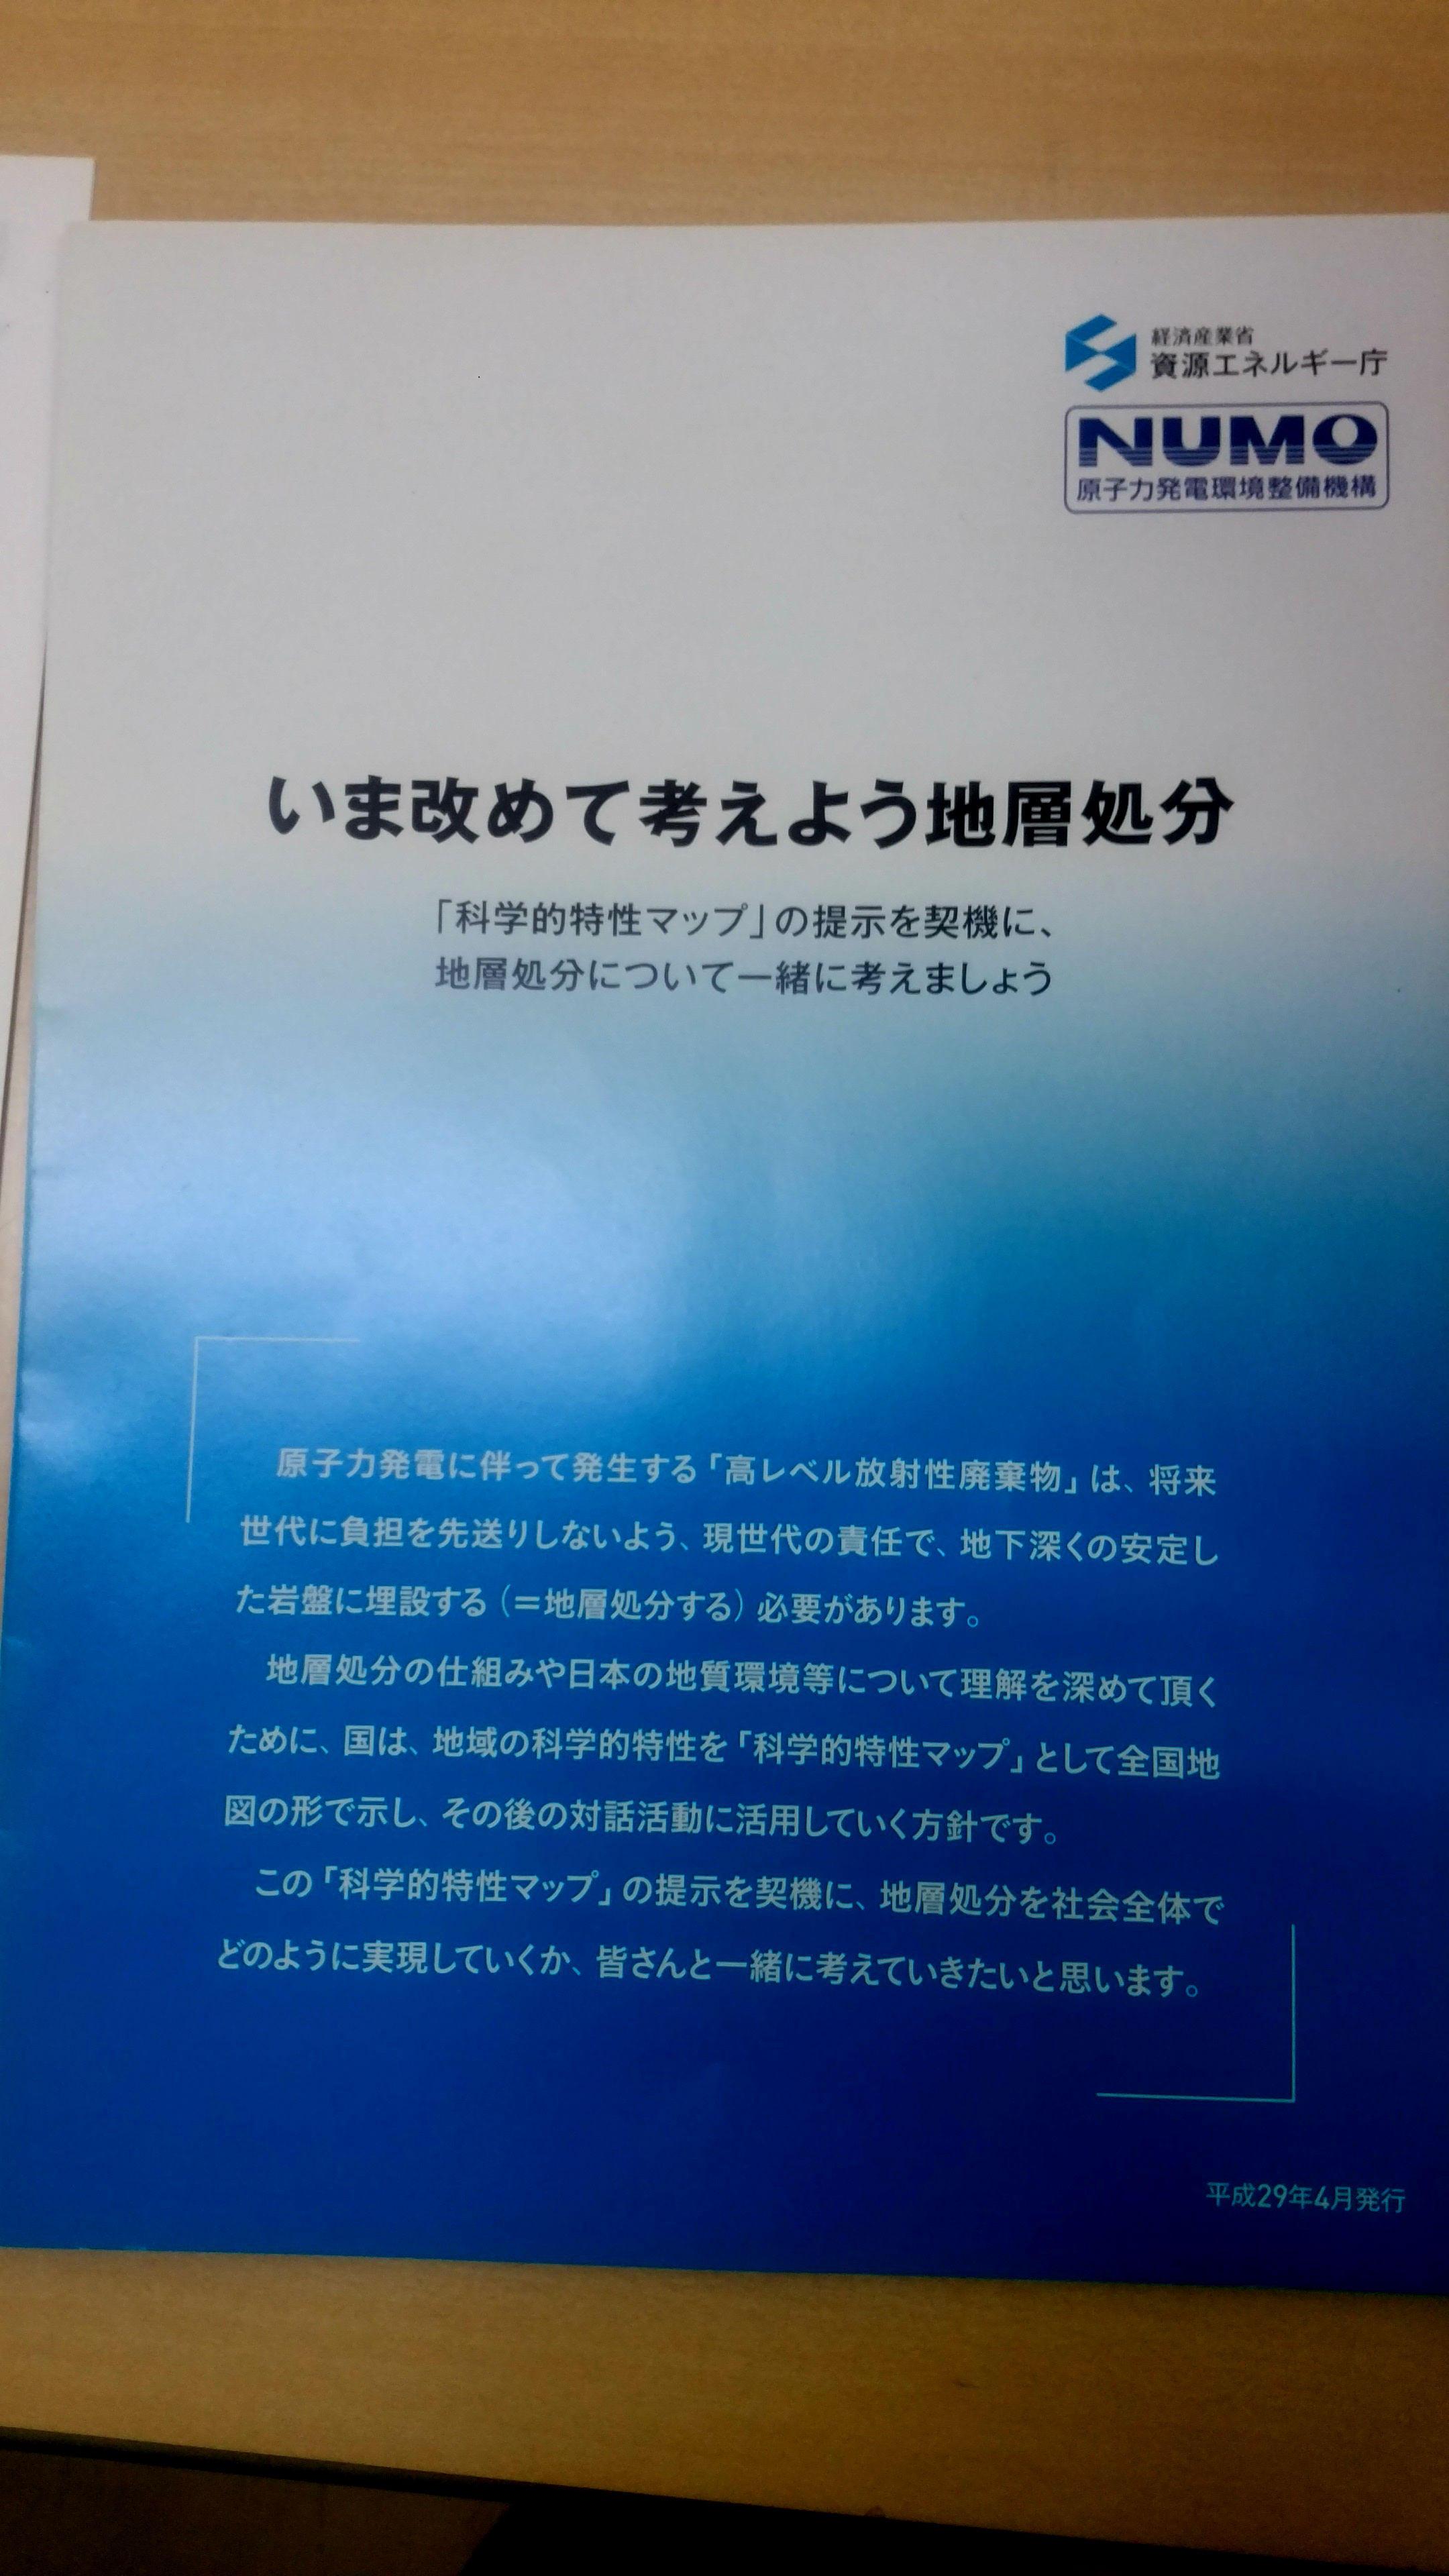 http://hunter-investigate.jp/news/000IMG_20180222_203253.jpg